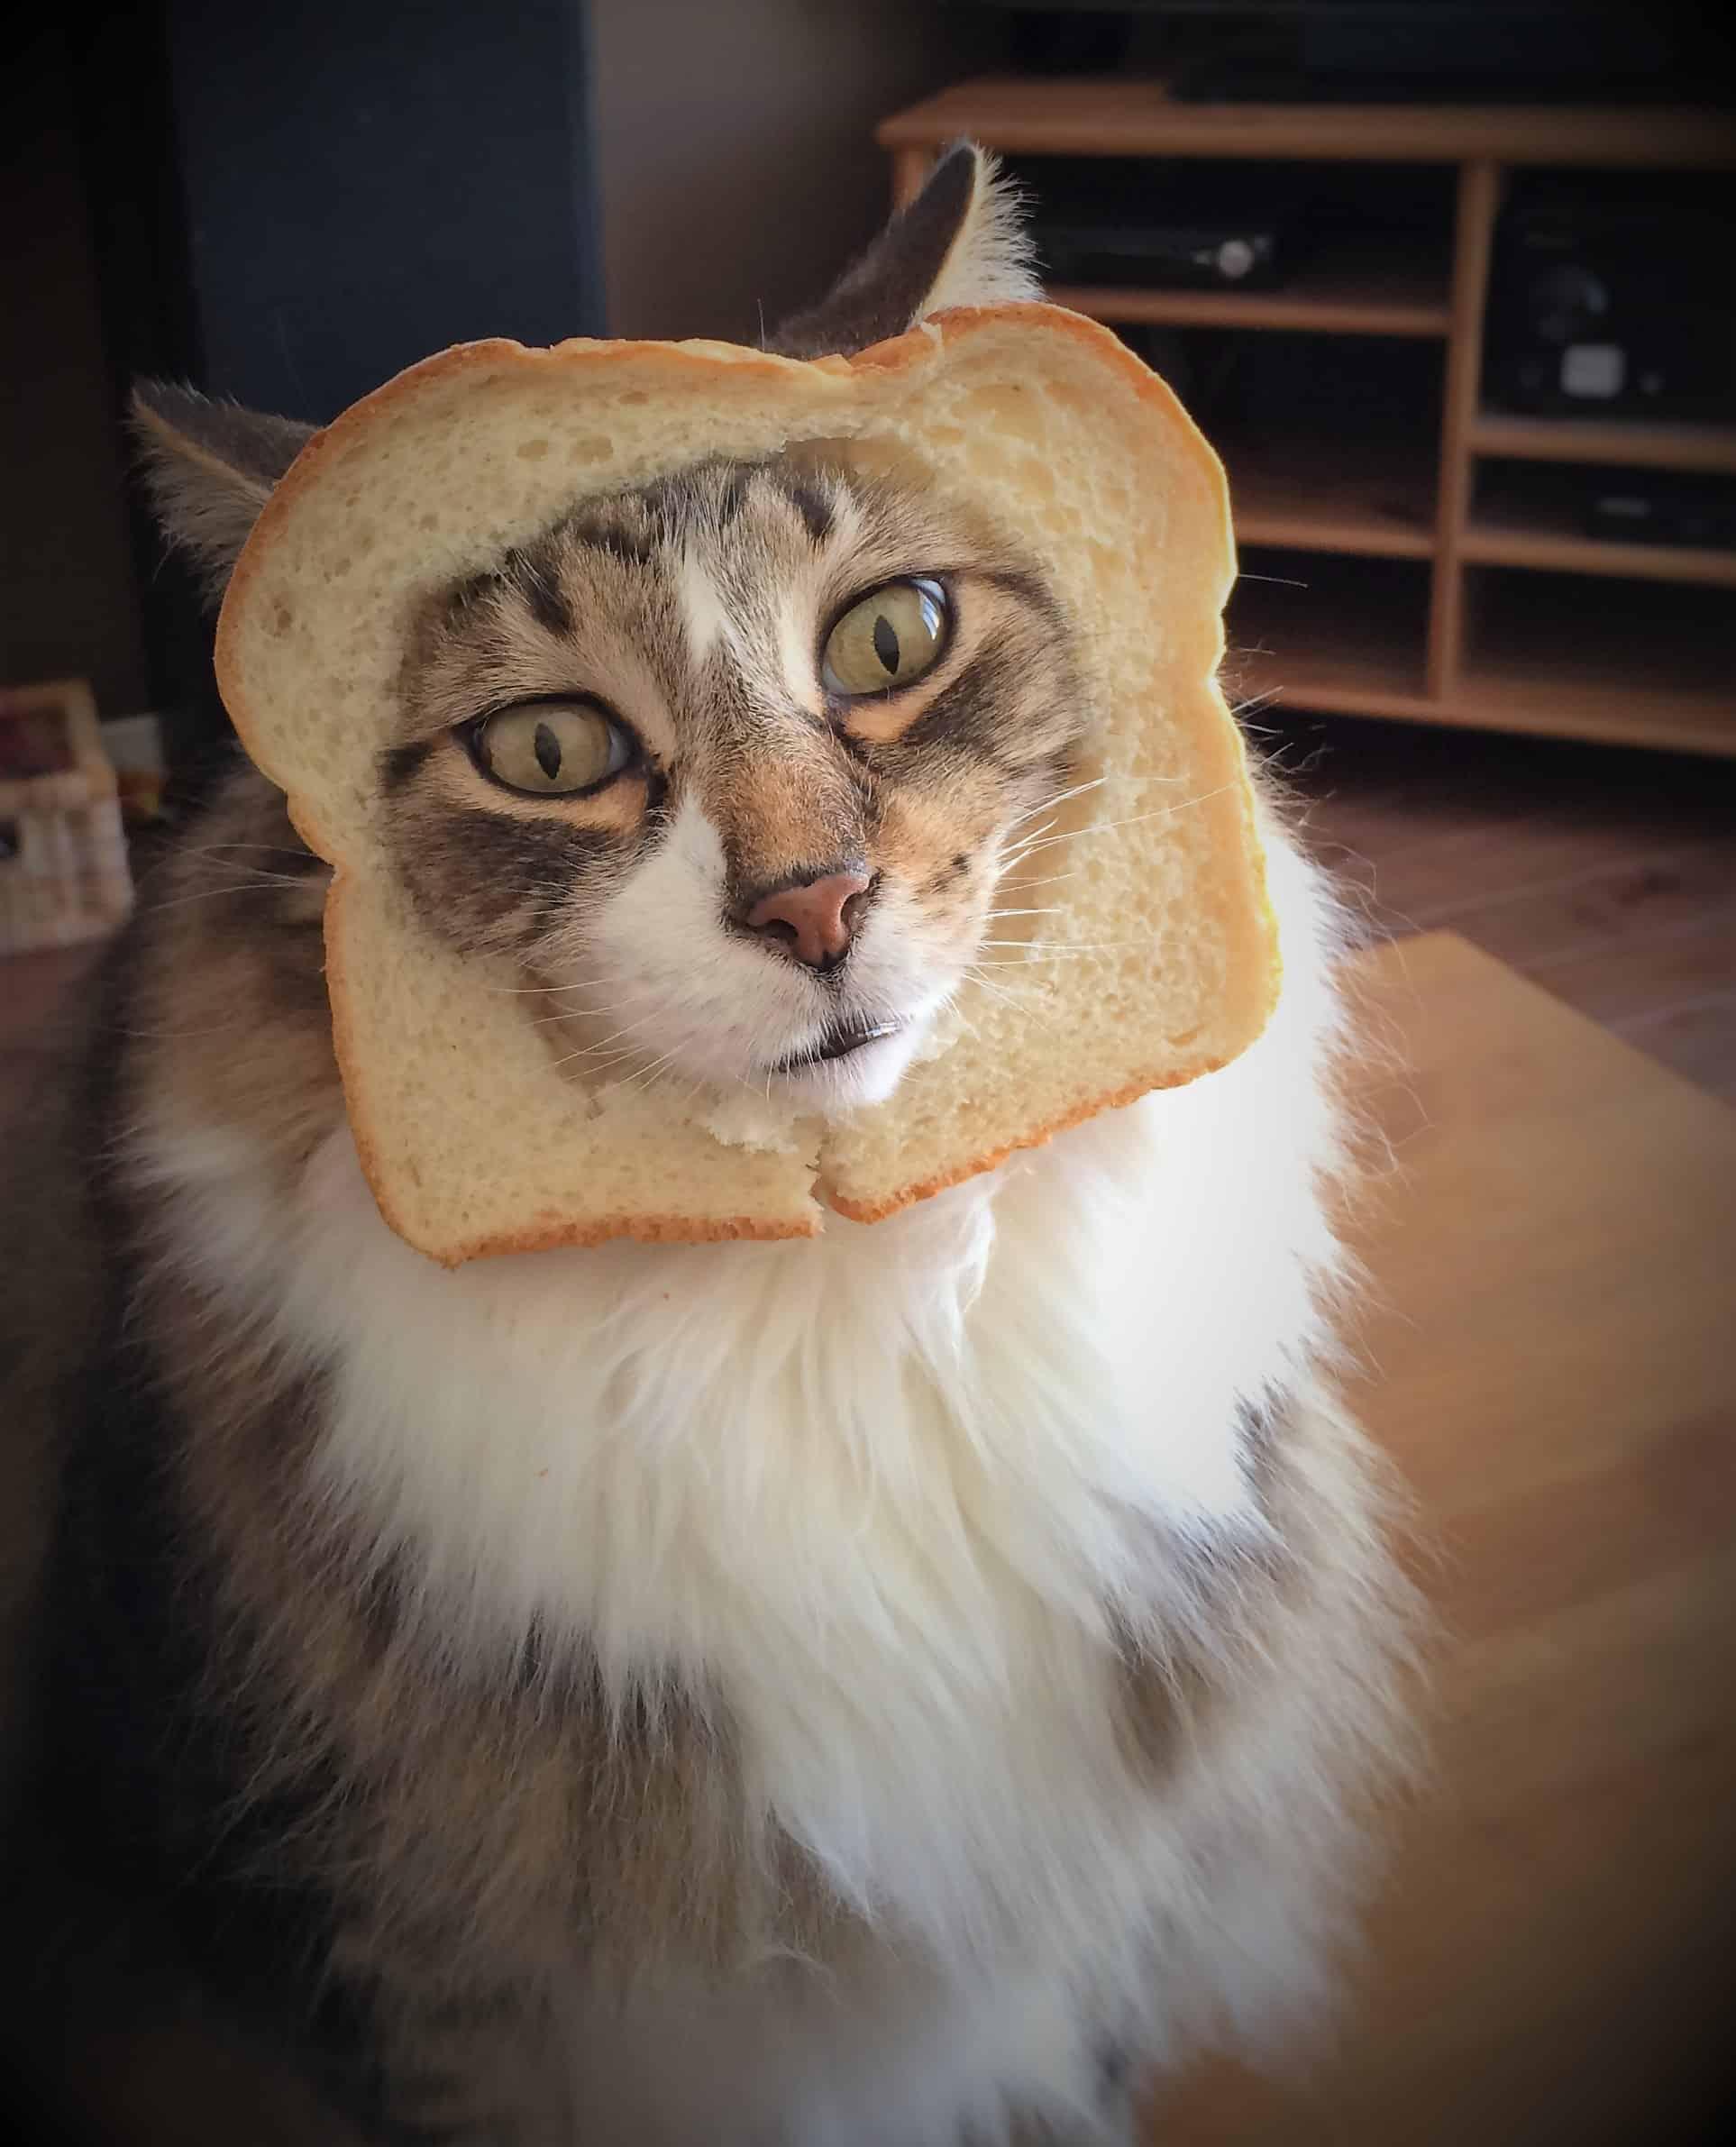 Un chat qui porte une tranche de pain trouée autour du visage pour faire une comparaison avec les intestins perméables.